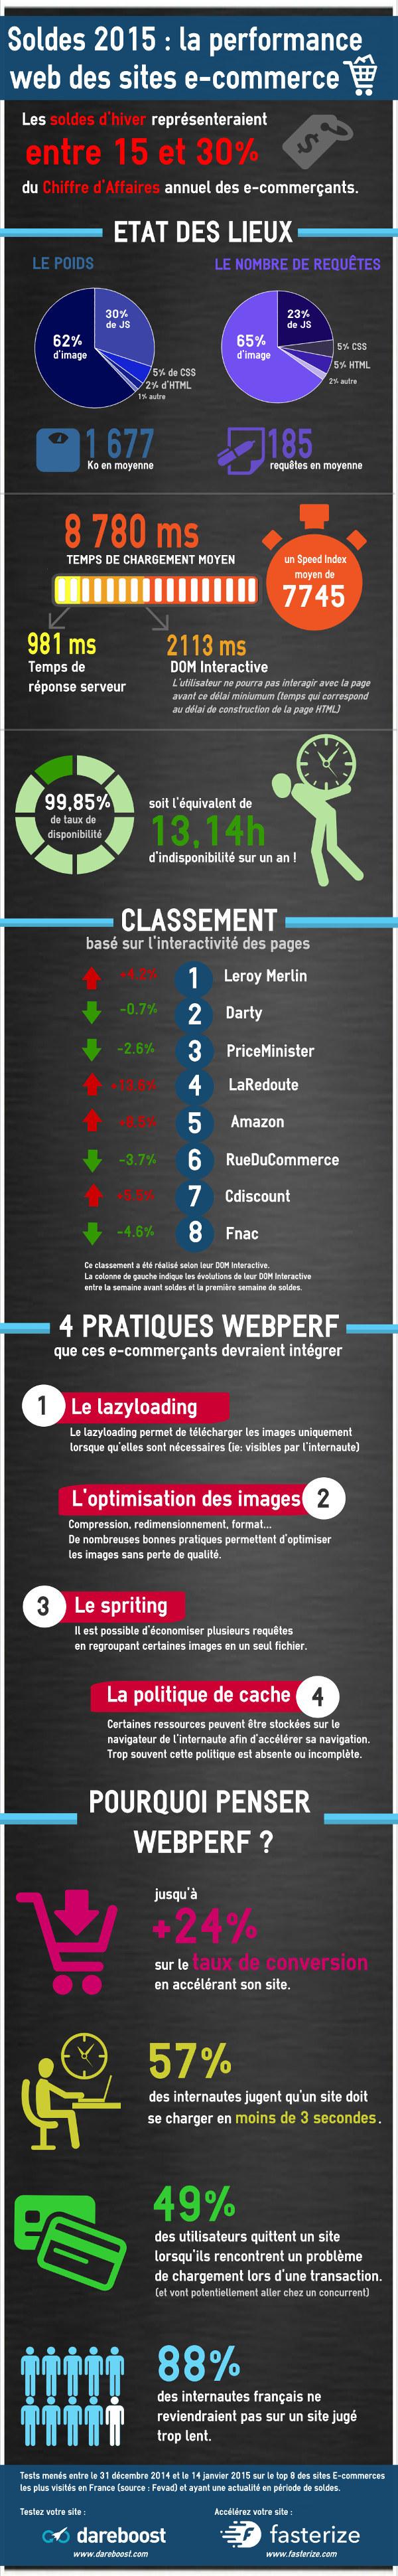 Infographie sur la performance web (ecommerce, soldes 2015)